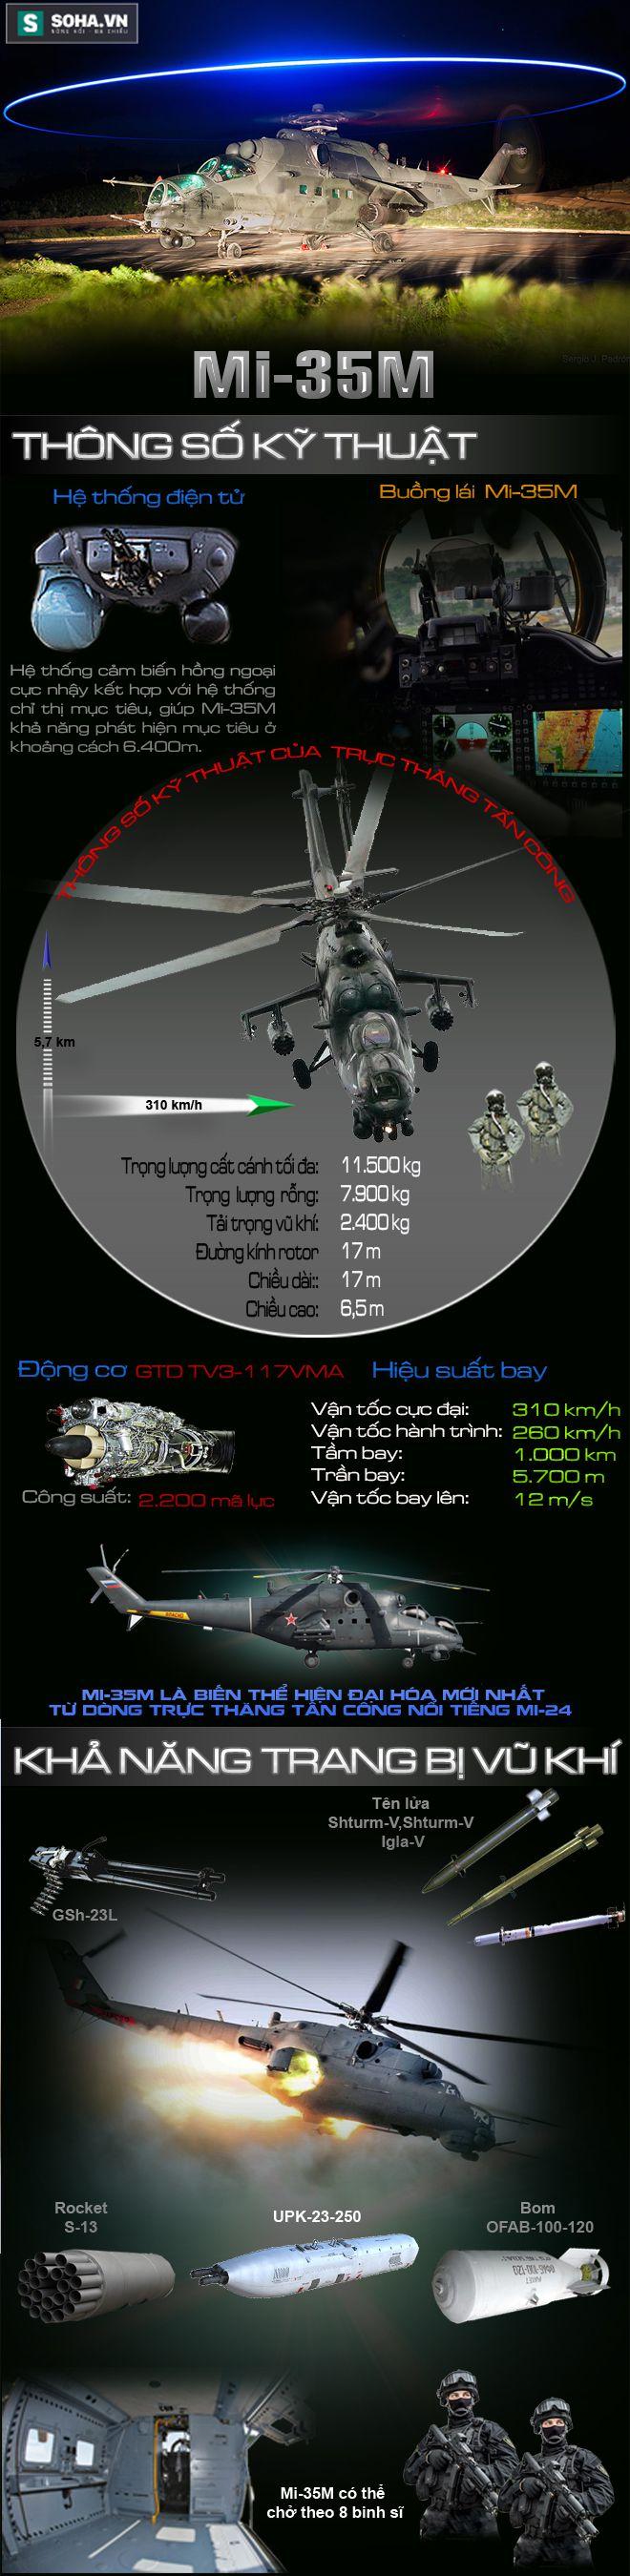 Ứng viên sáng giá nhất cho vị trí thay thế Mi-24A đã nghỉ hưu - Ảnh 1.